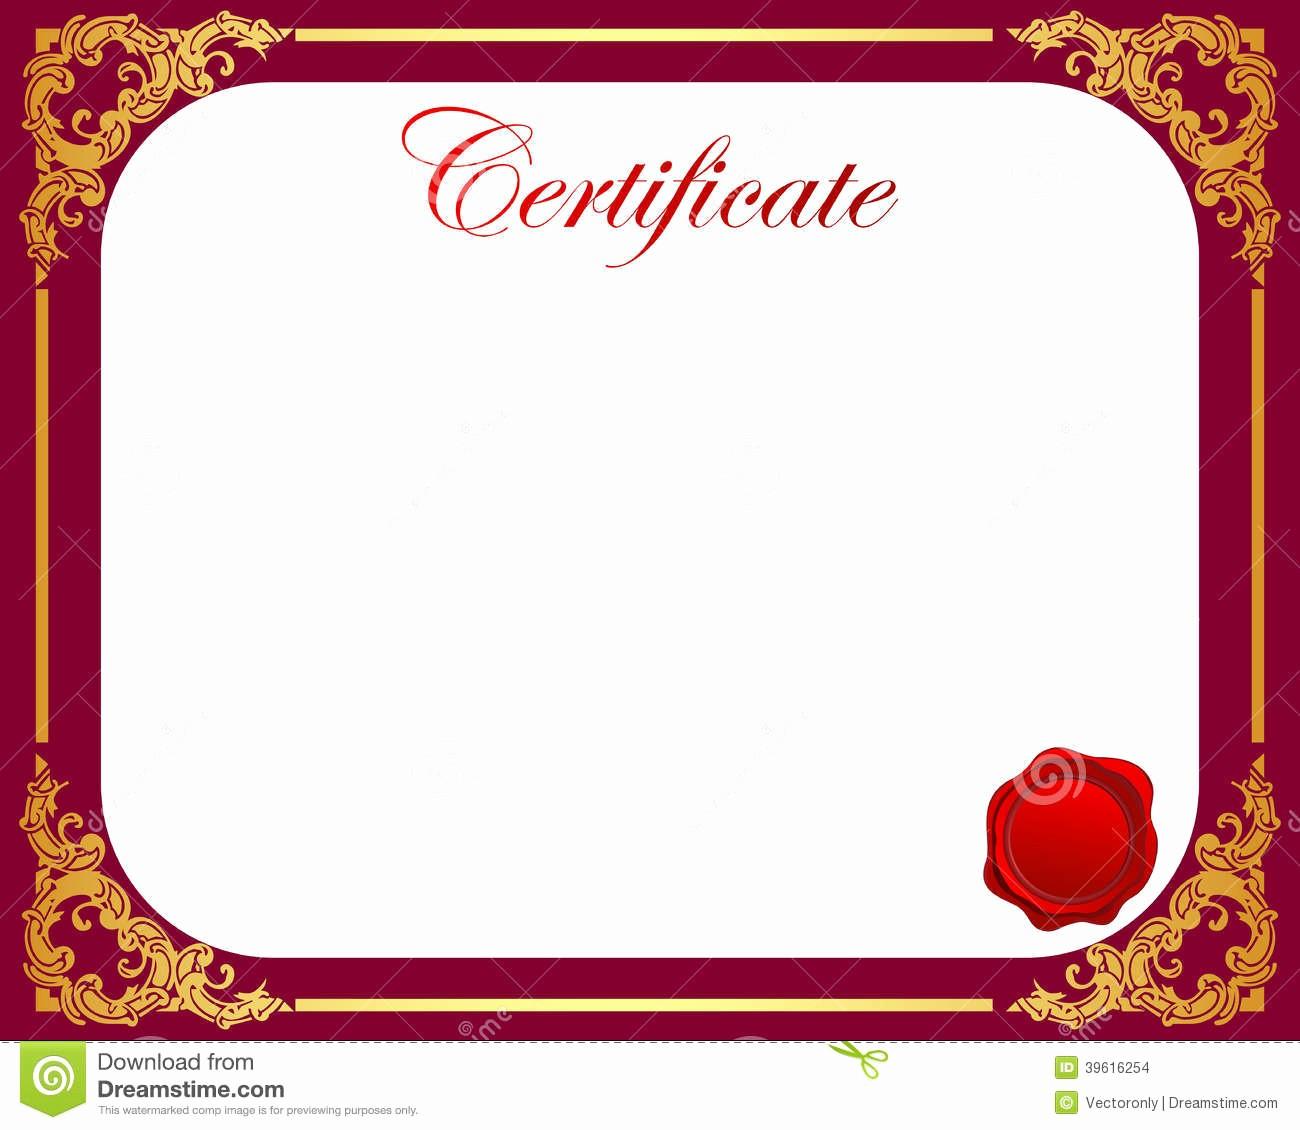 Certificate Border Design Free Download Inspirational Certificaat Vector Illustratie Afbeelding Bestaande Uit